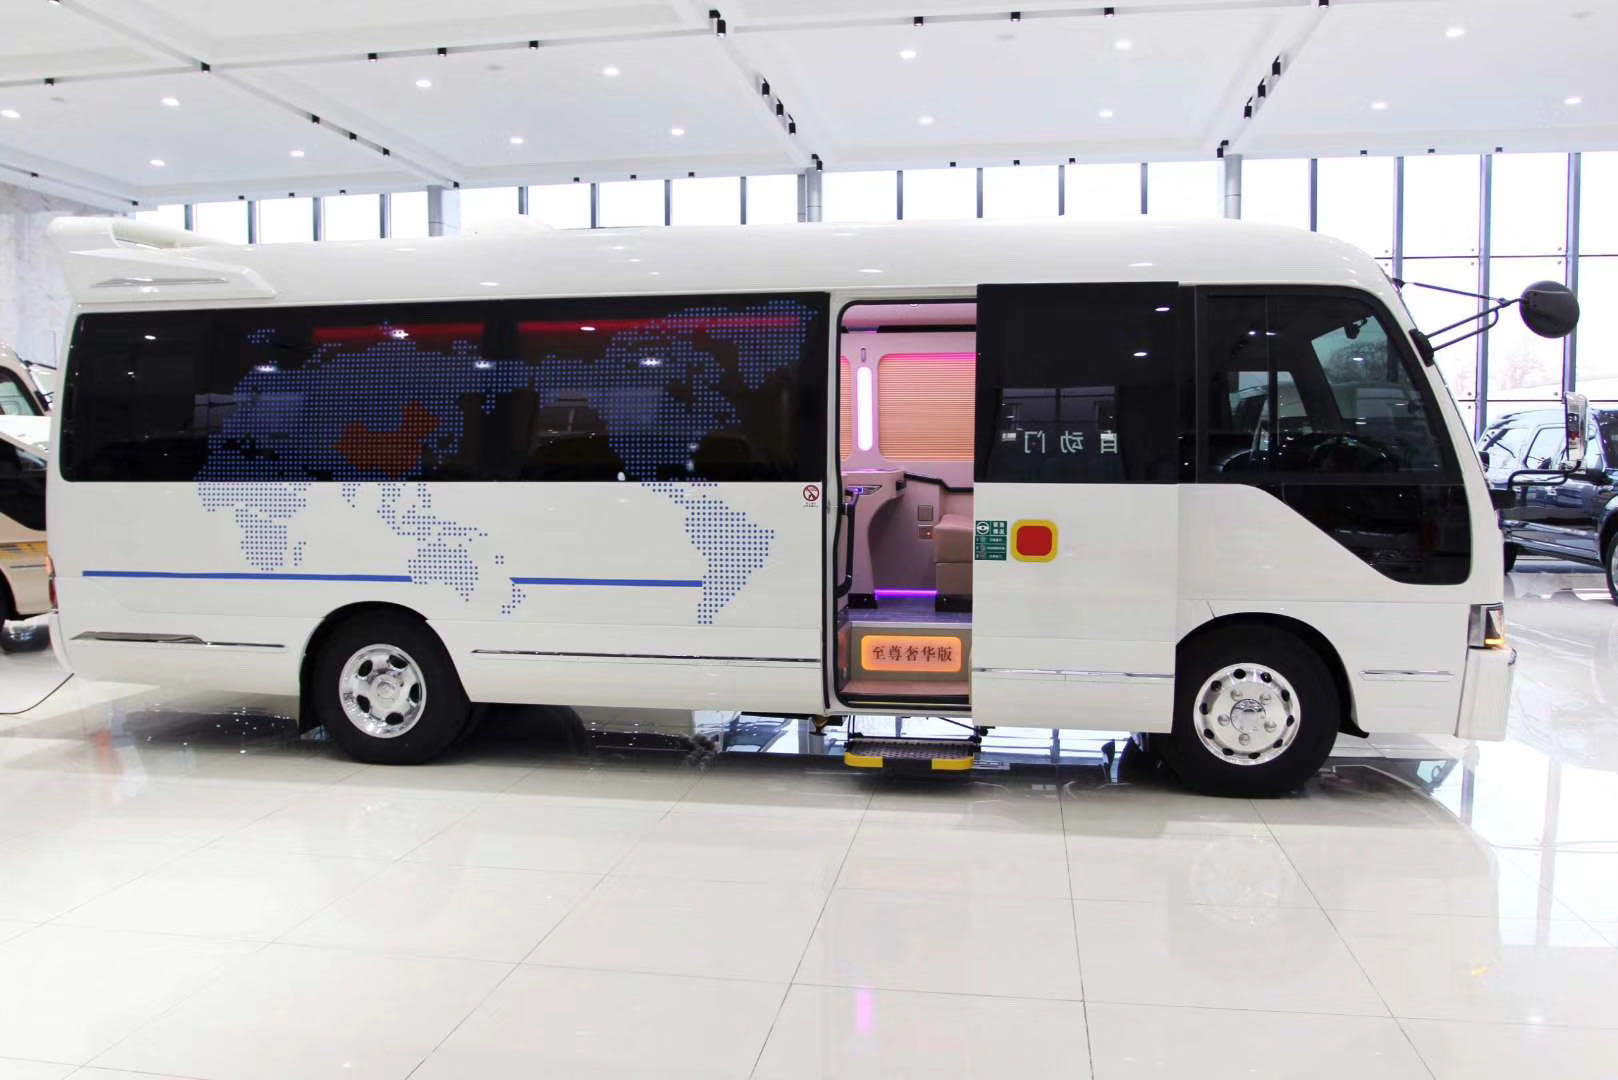 丰田考斯特商务巴士 北京顶级改装座椅升级